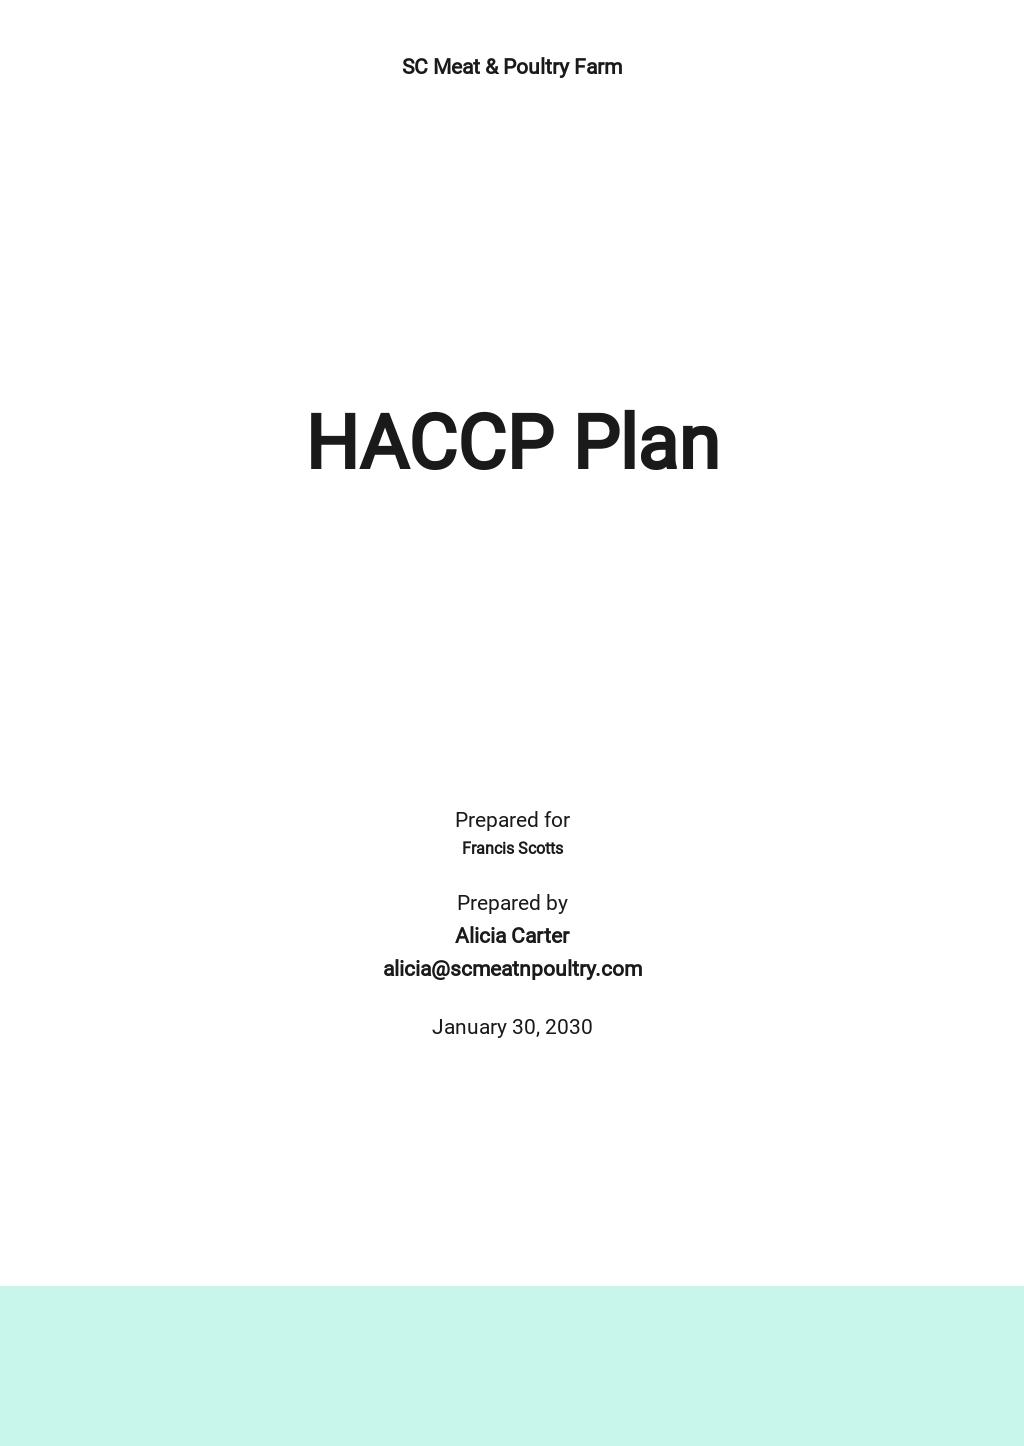 HACCP Plan Template.jpe